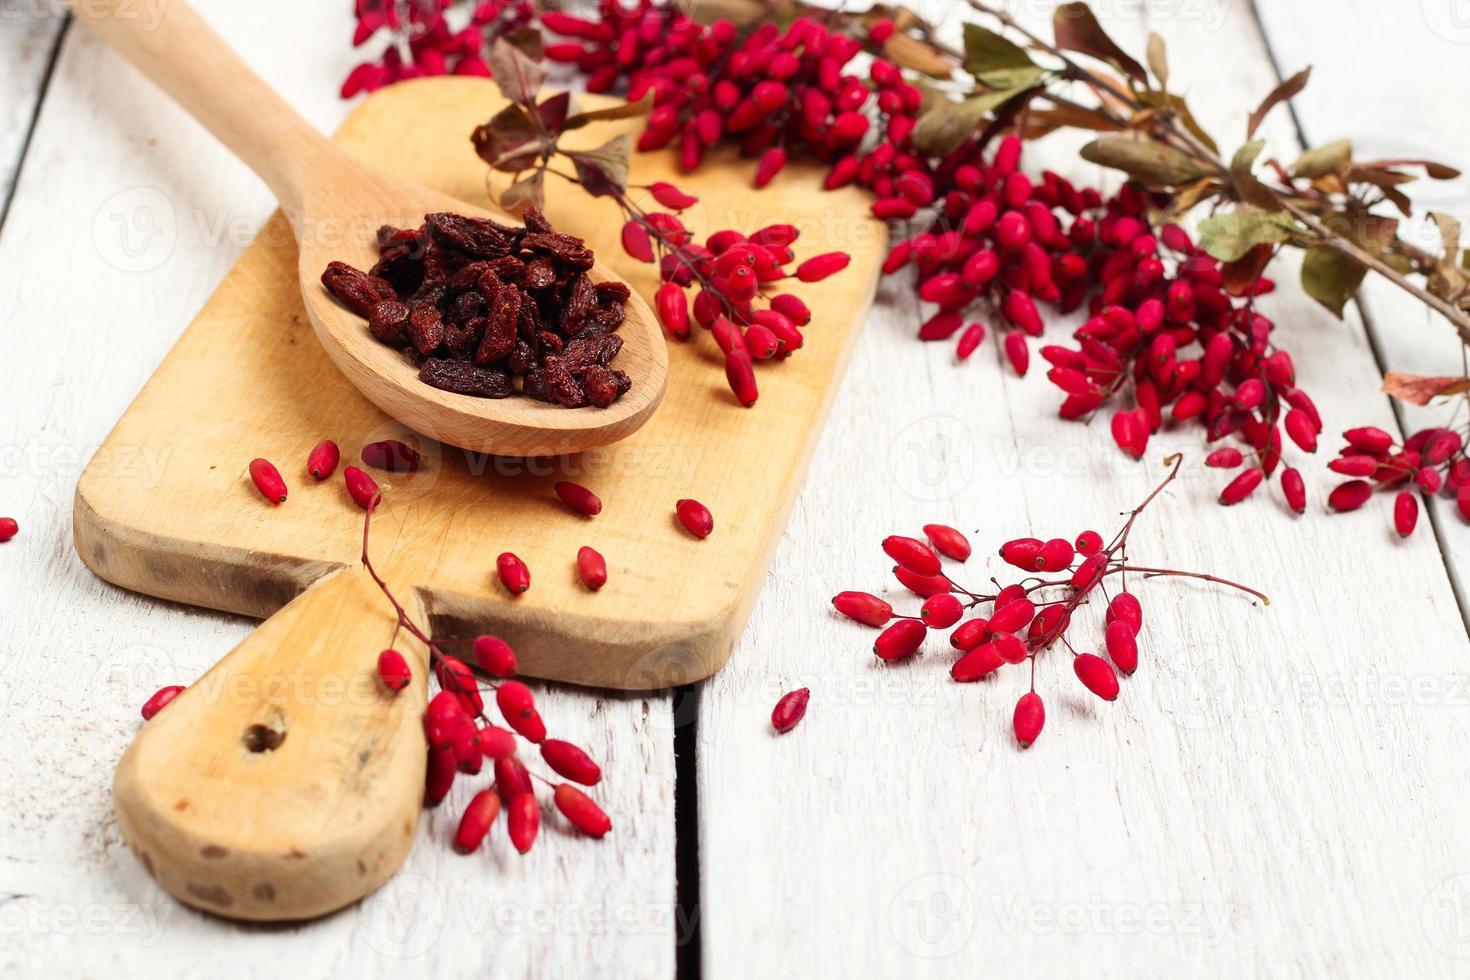 Goji-Beeren in einem Löffel mit Berberitze foto